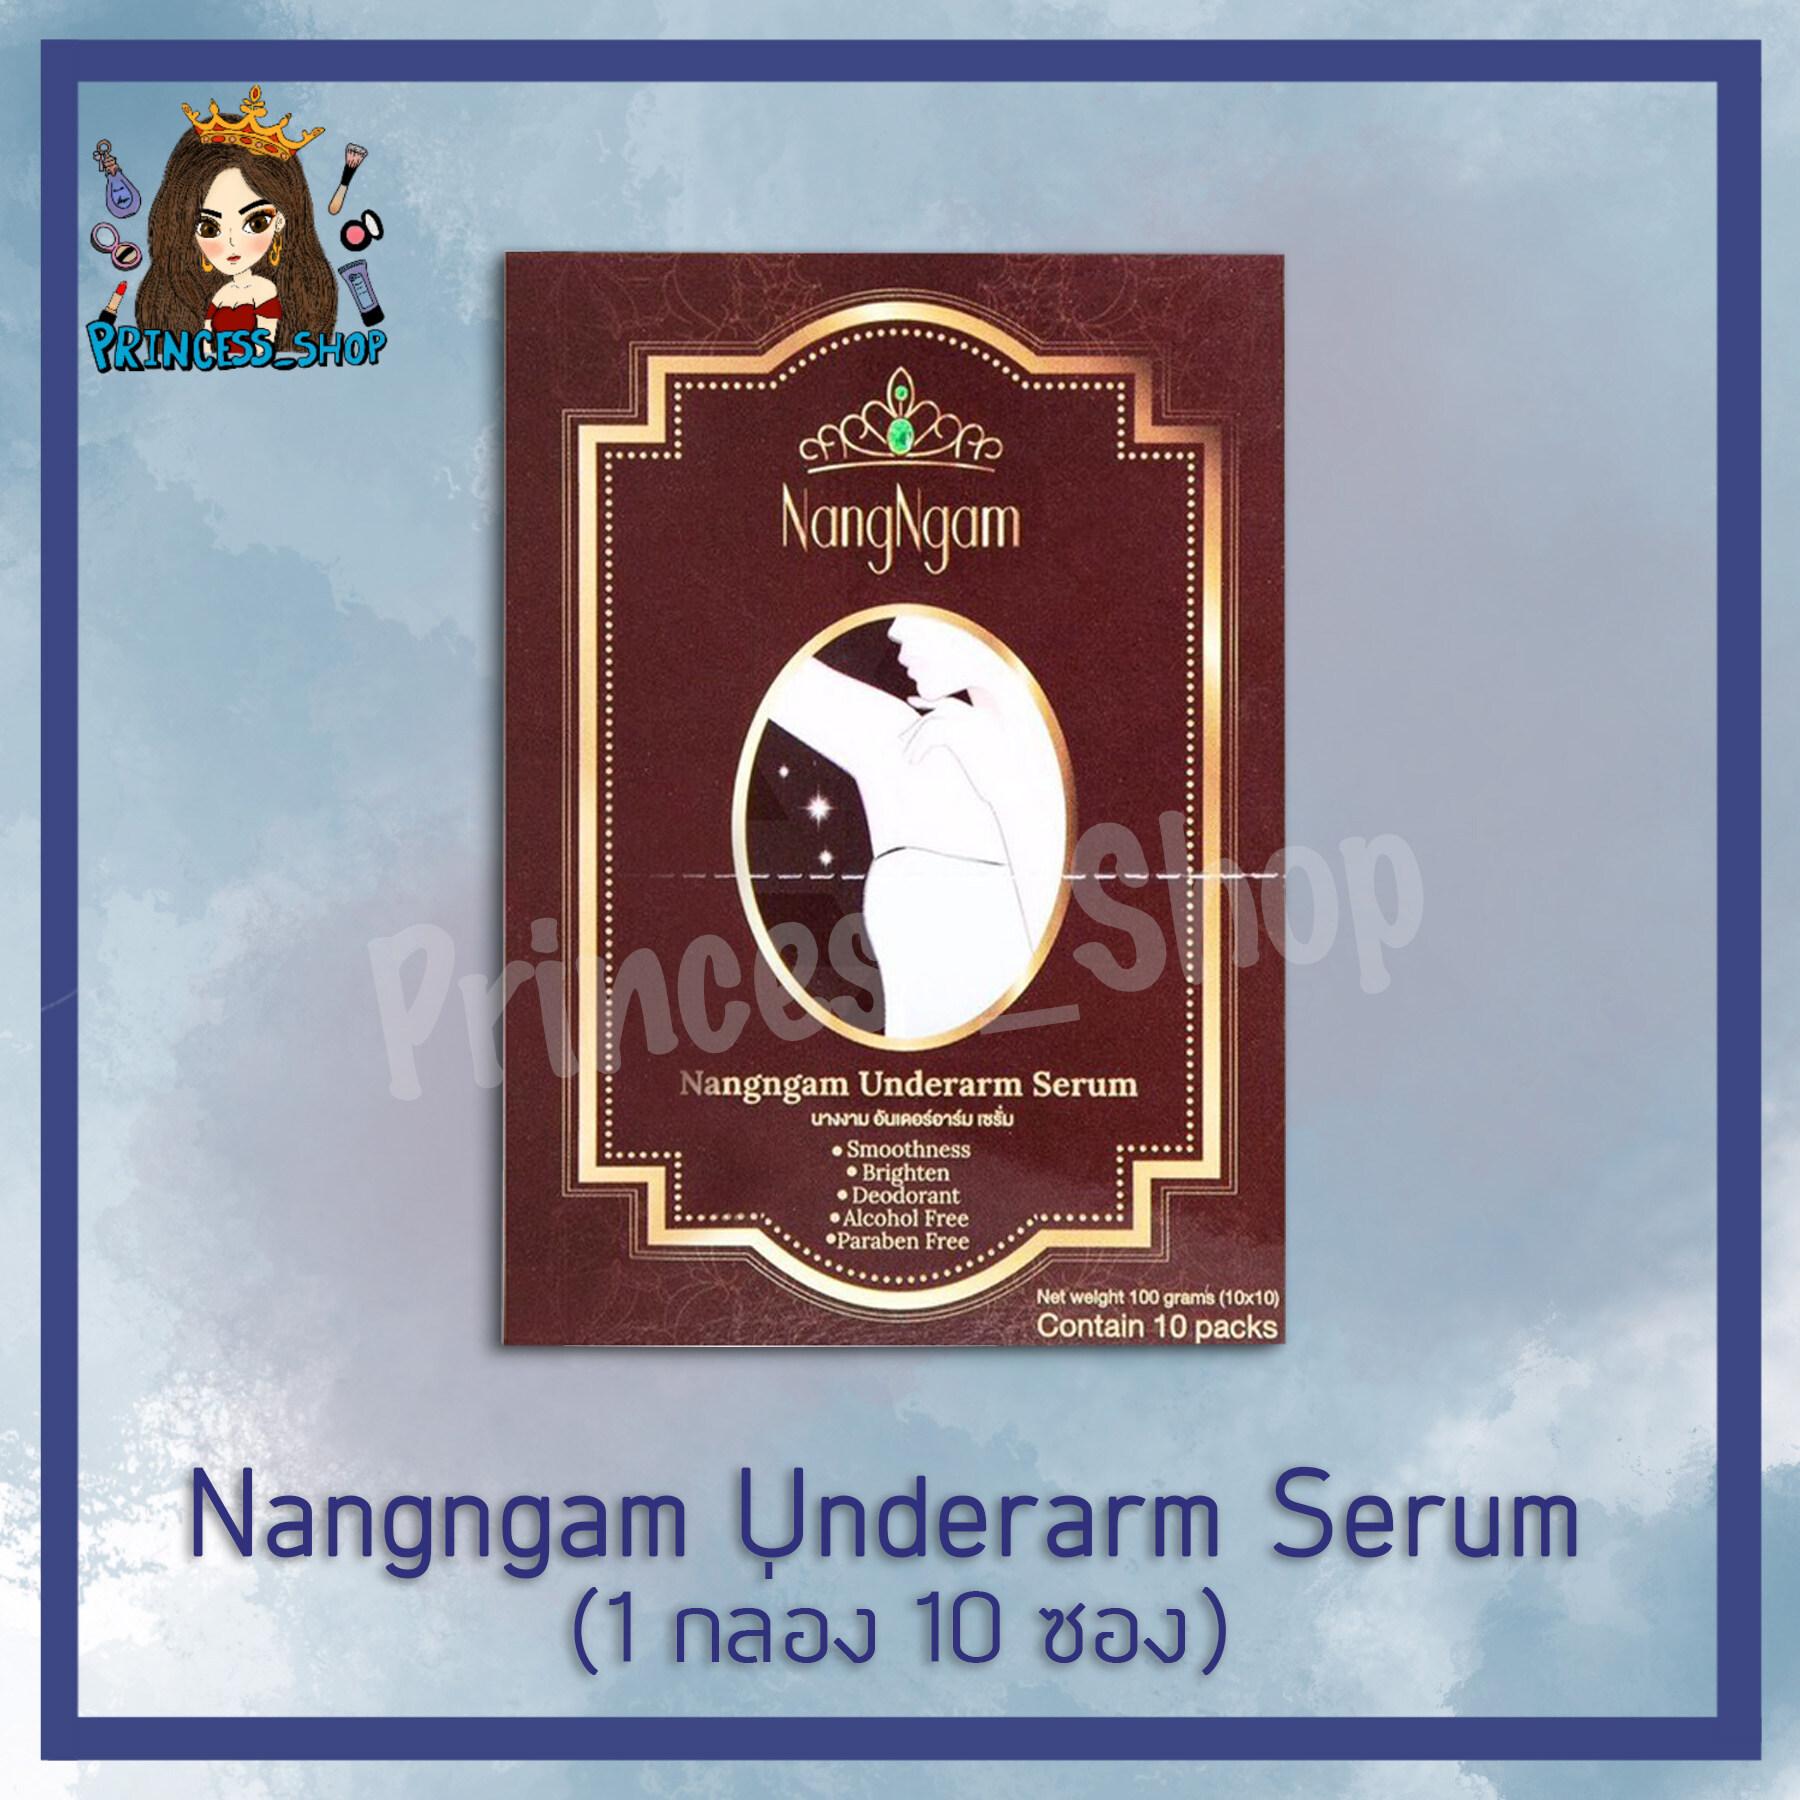 (1กล่อง 10 ซอง) Nangngam Underarm Serum เซรั่มรักแร้นางงาม รักแร้ดำ ครีมทารักแร้ขาว ระงับกลิ่น.